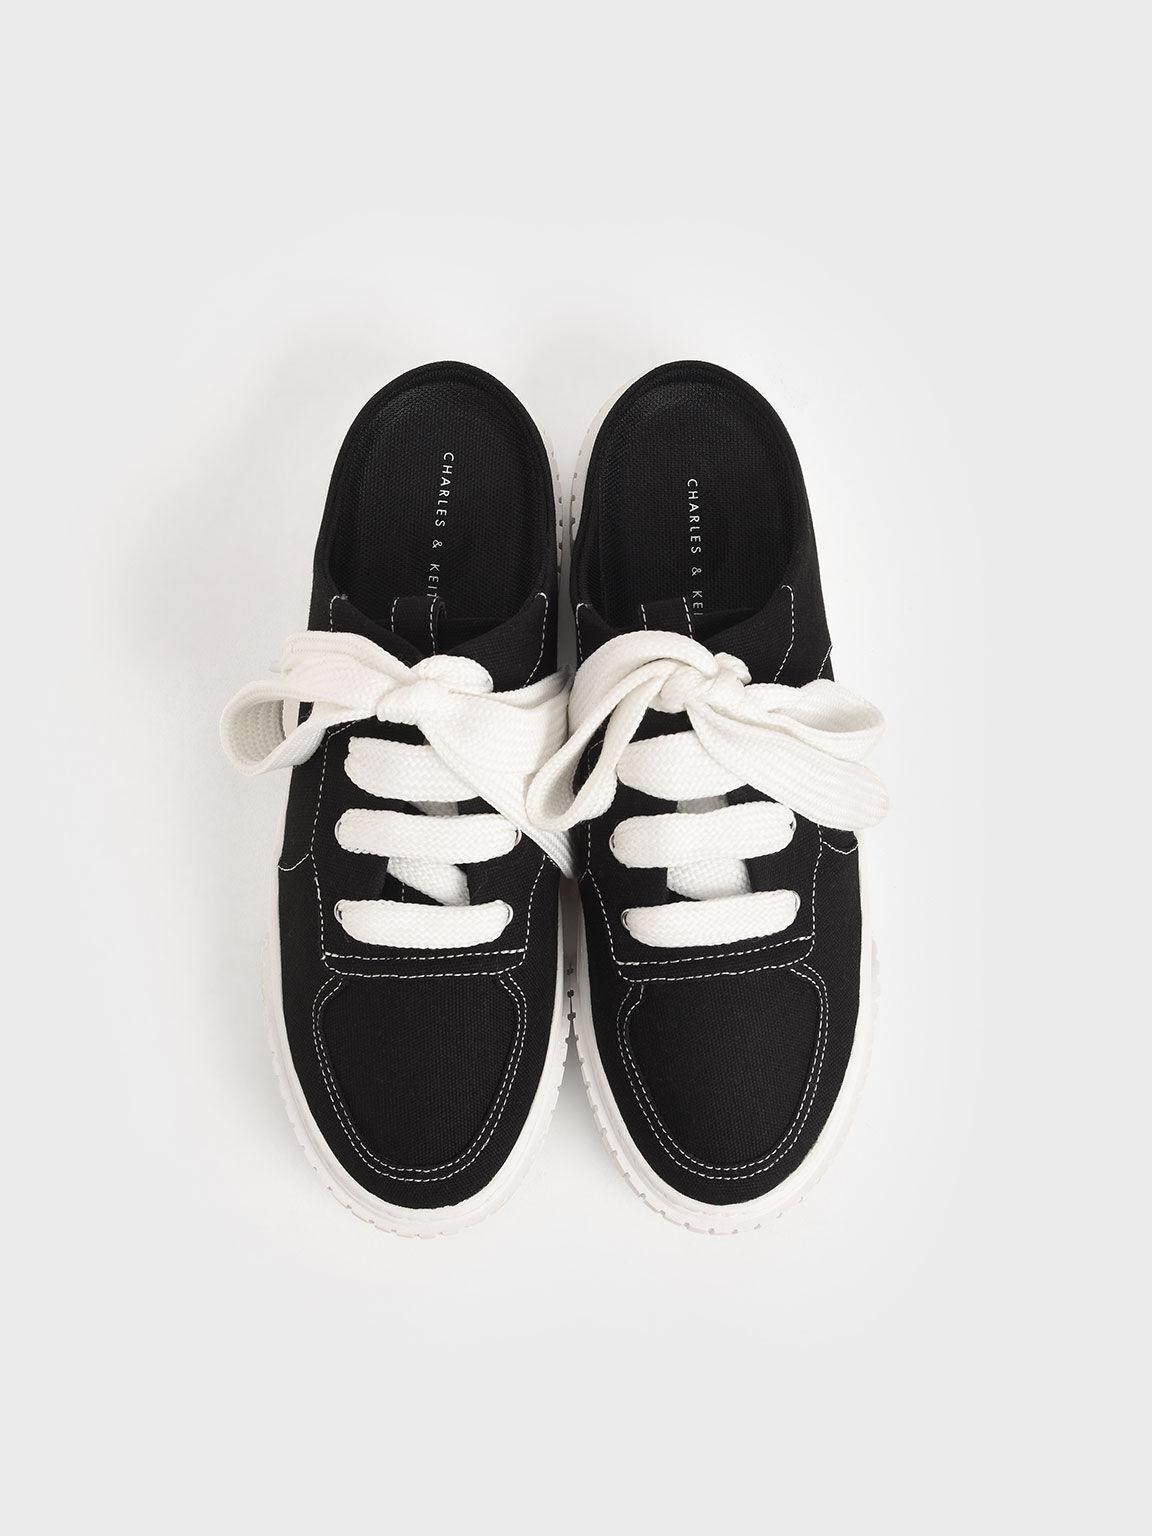 寬鞋帶懶人鞋, 黑色, hi-res